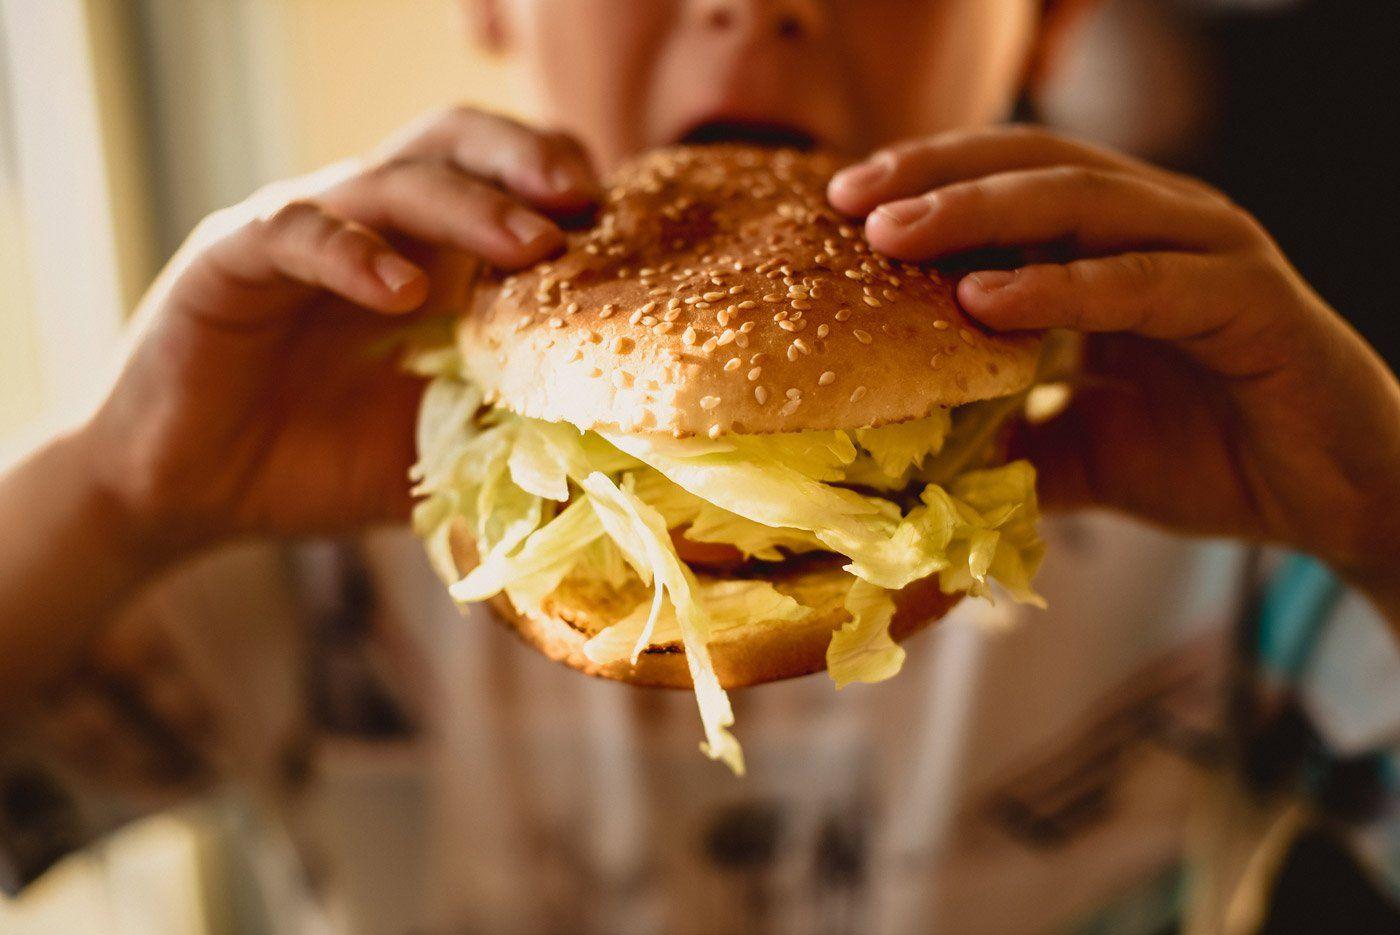 https://lepouce.ca/wp-content/uploads/2018/02/restaurant-le-pouce-burger-a-croquer.jpg